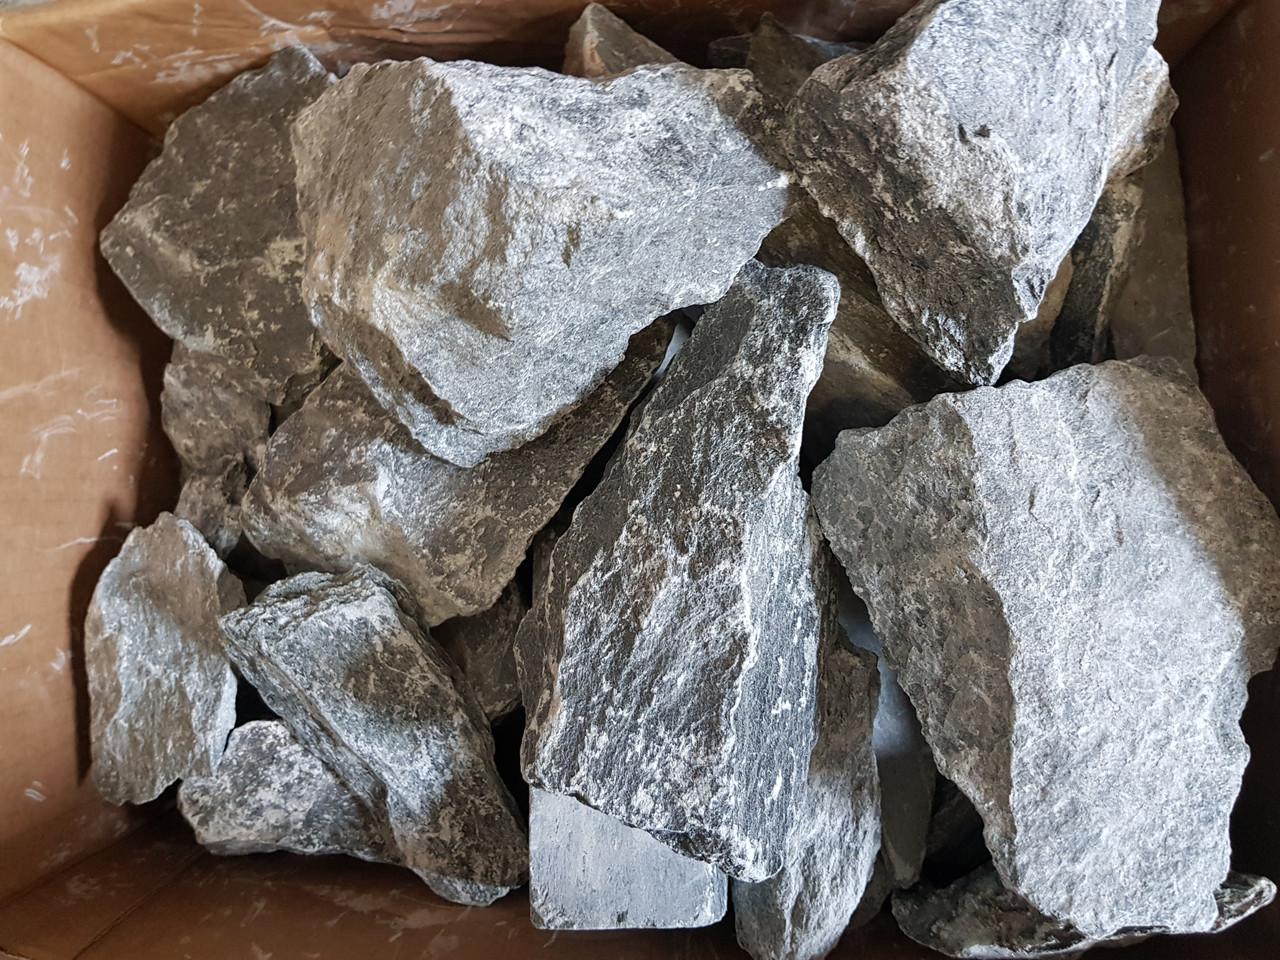 Талькохлорит: свойства камня для бани. в чем разница с талькомагнезитом? лучше ли он, чем змеевик?